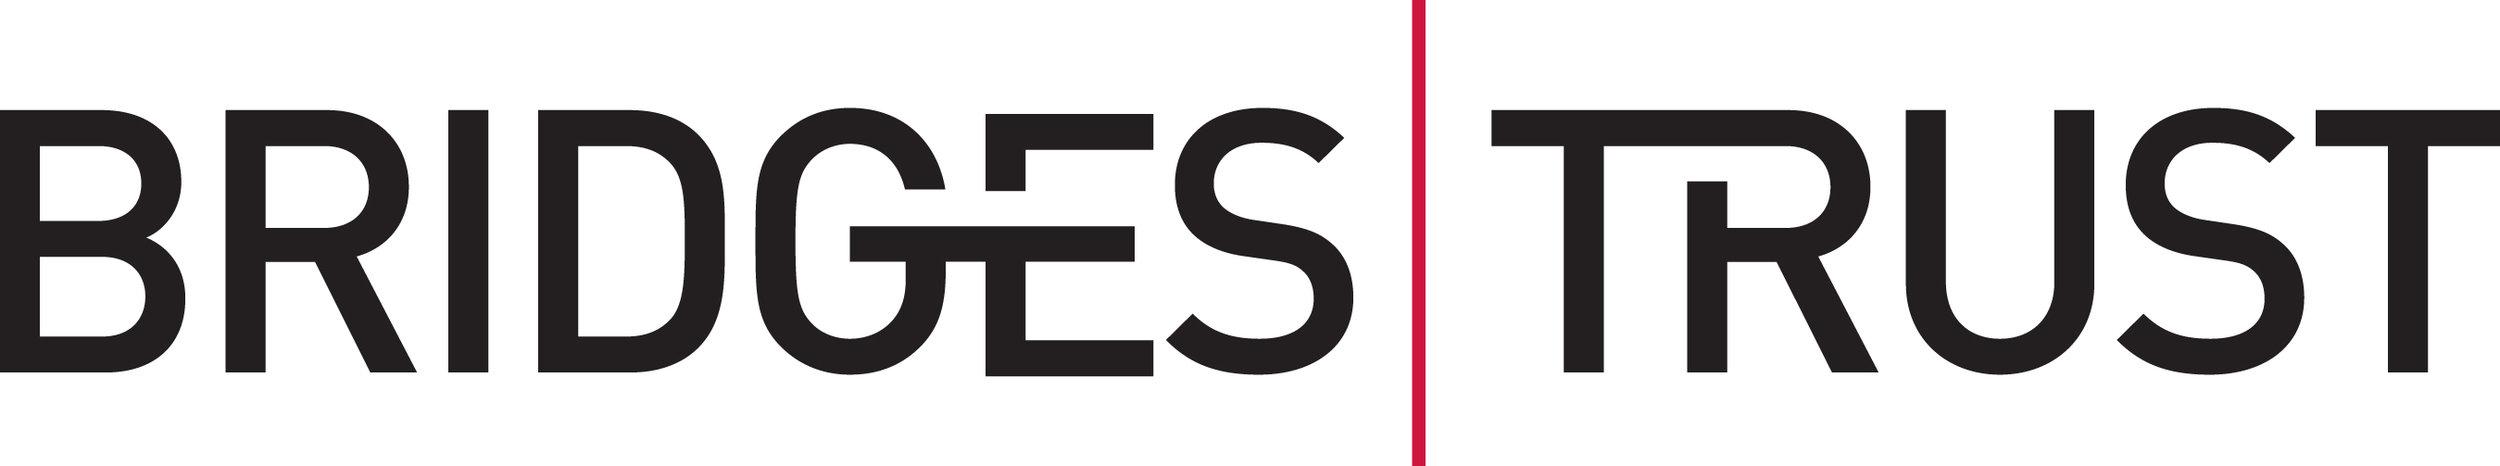 Bridges Trust_Logo (HiRes).jpg